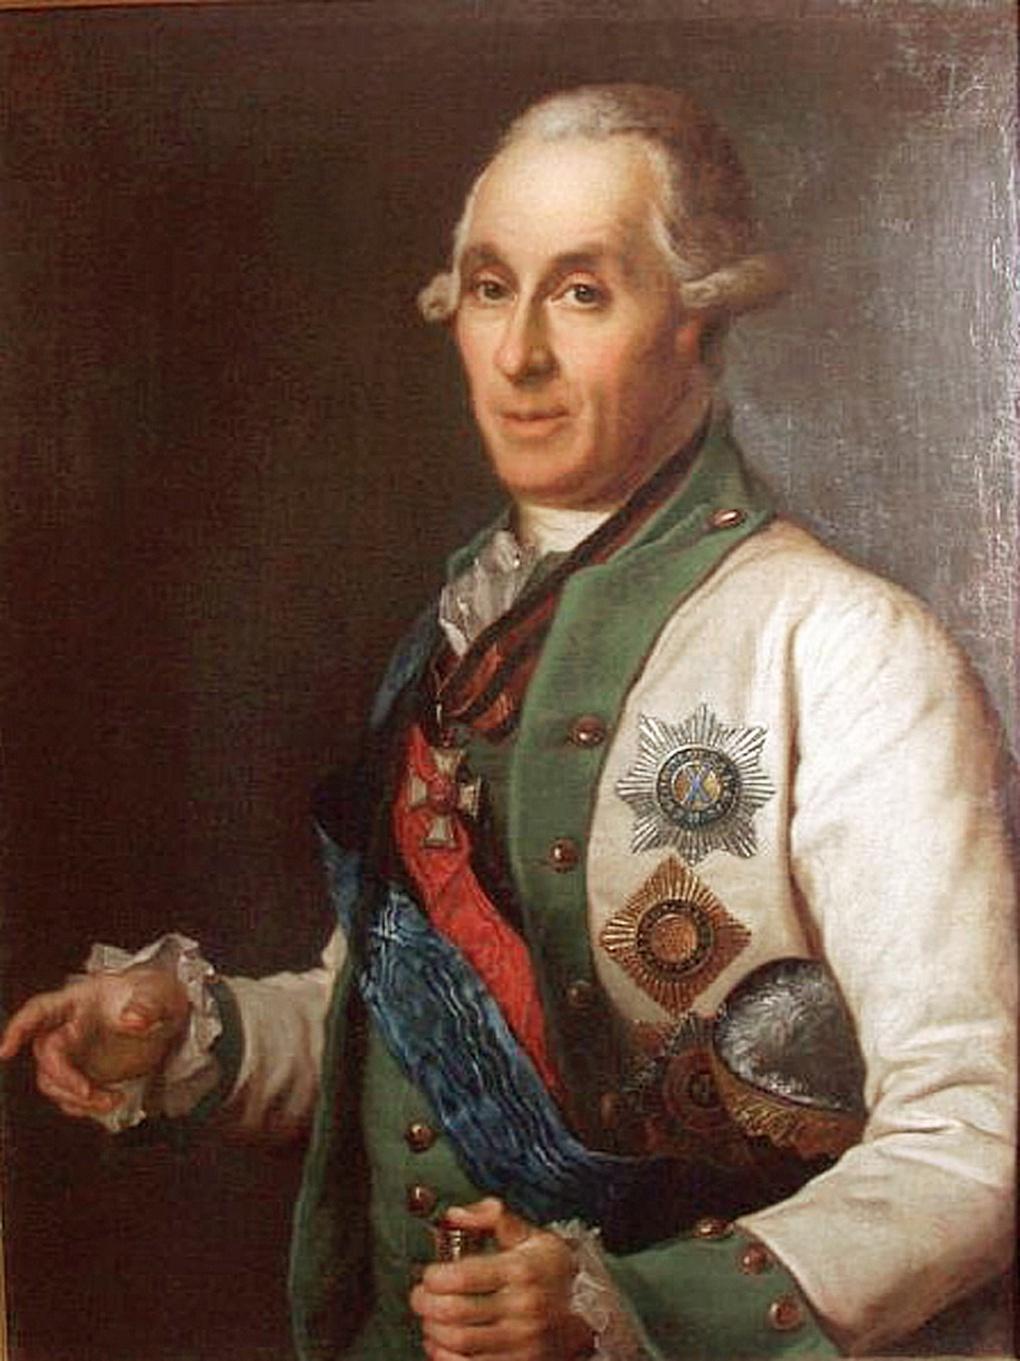 Капитан Самуил Карлович Грейг.